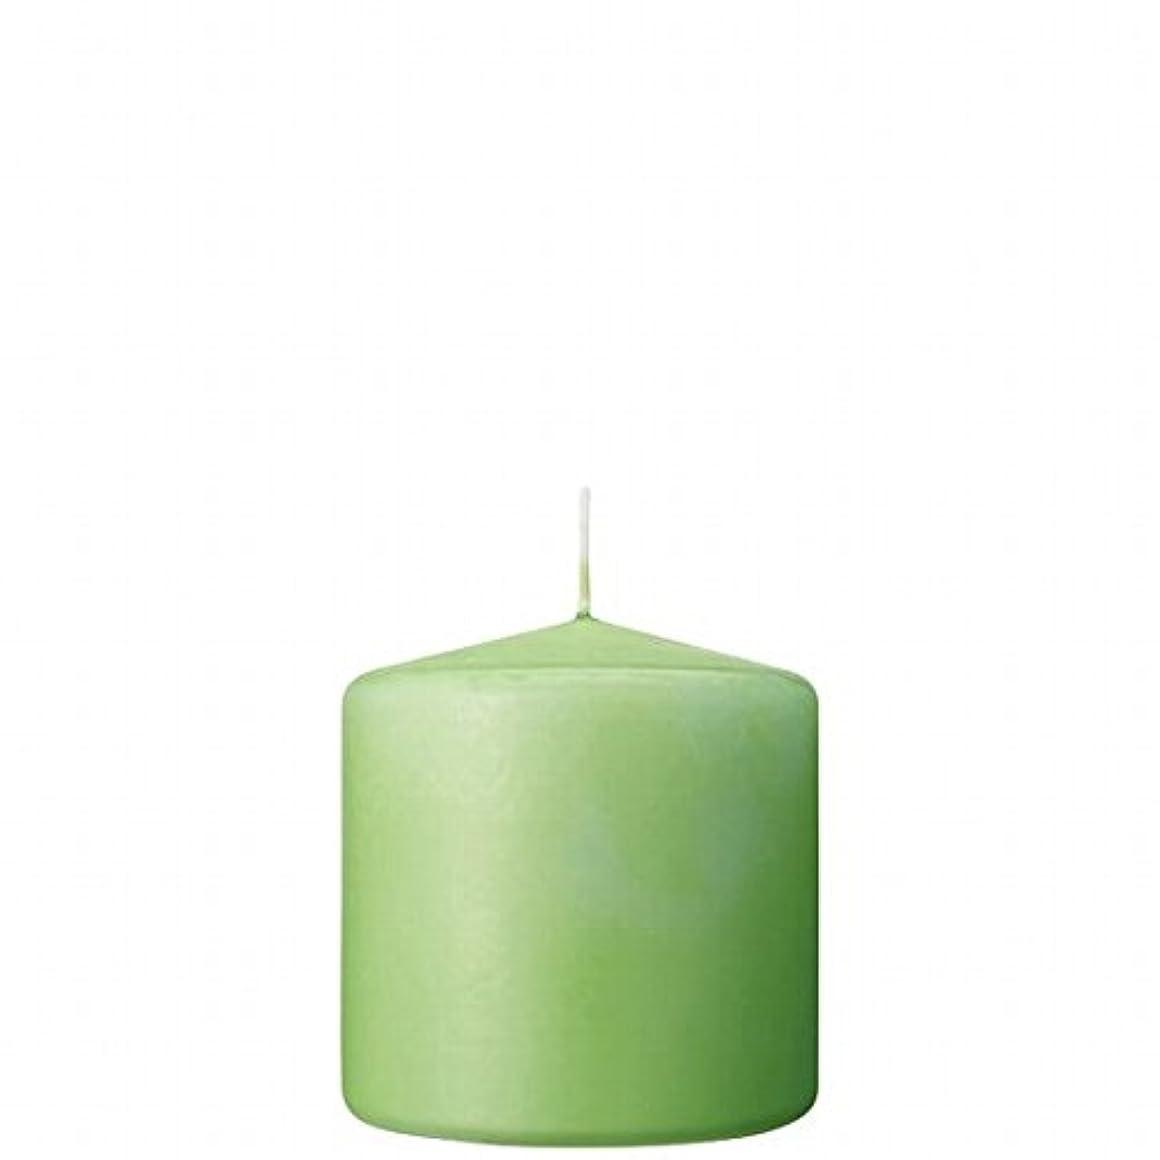 閉じる頑丈スパイラルカメヤマキャンドル(kameyama candle) 3×3ベルトップピラーキャンドル 「 ライム 」